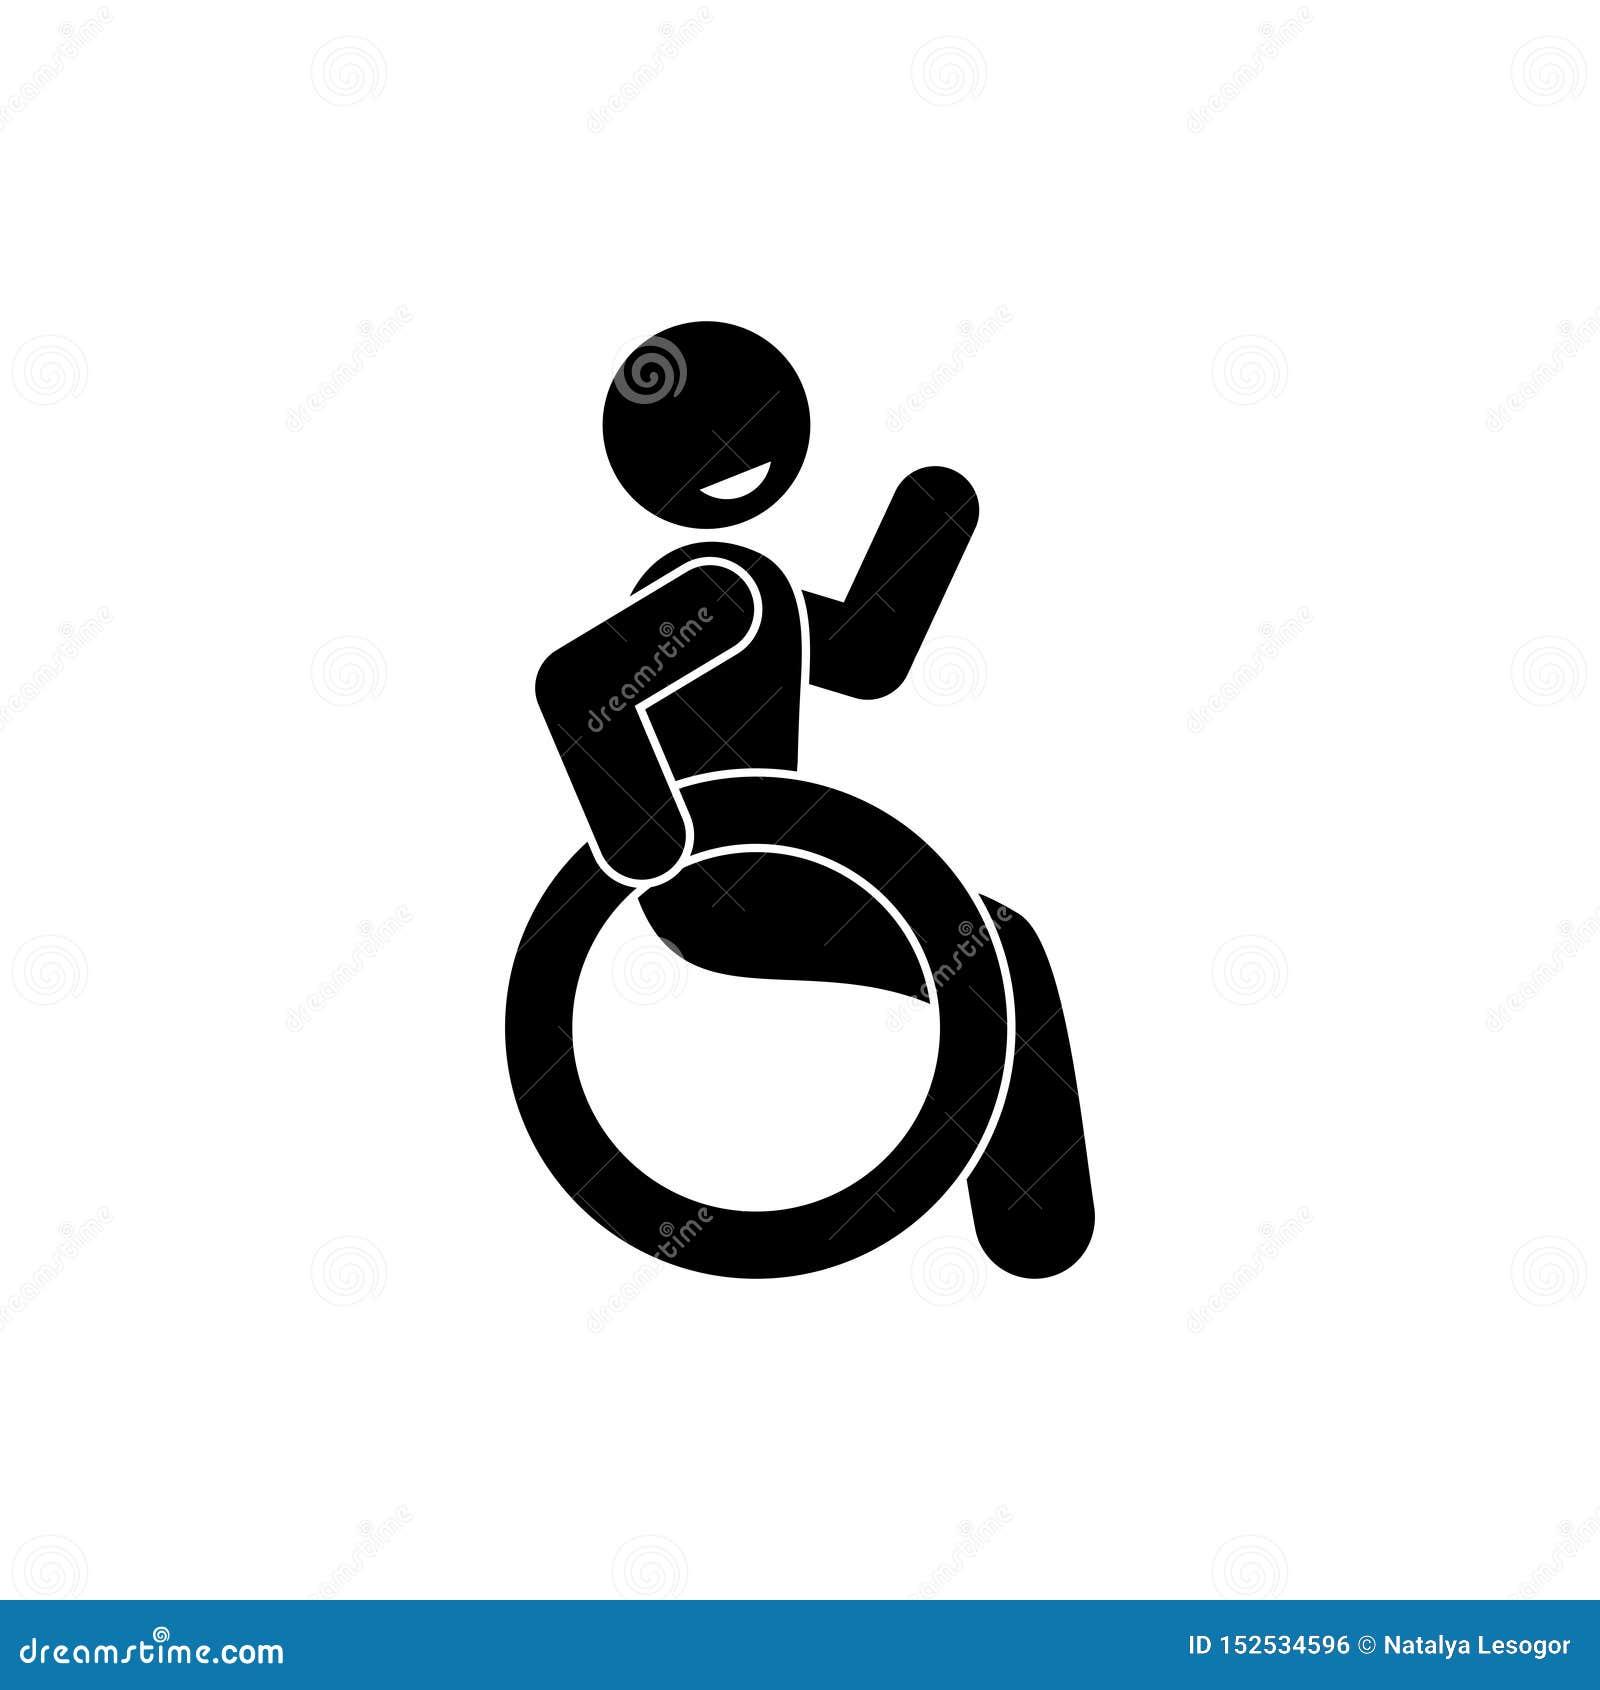 Lycklig rörelsehindrad symbol, pinnediagram man som sitter i en rullstol